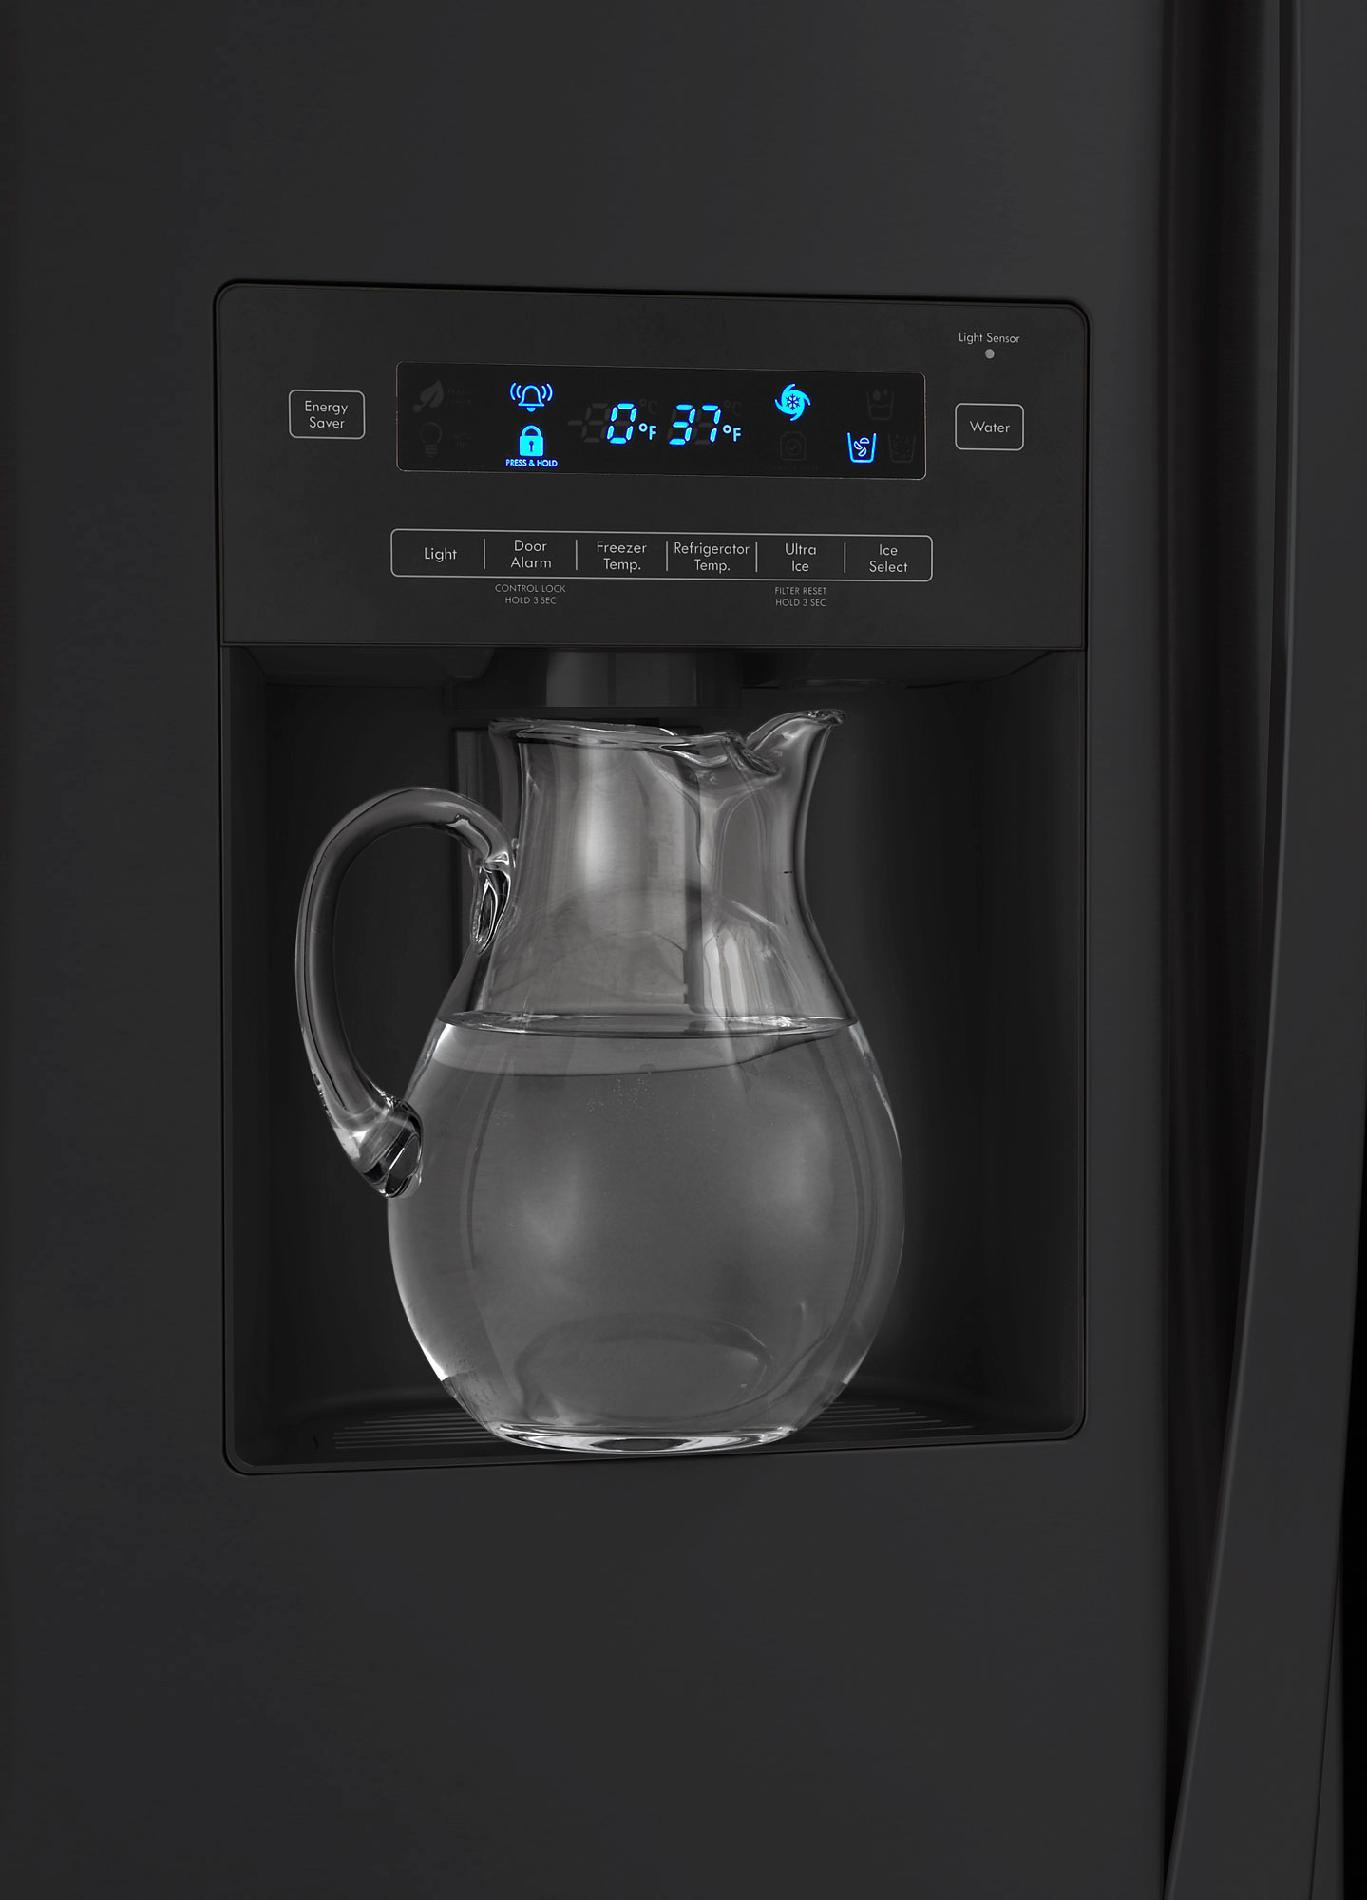 Kenmore Elite 27.6 cu. ft. French Door Bottom-Freezer Refrigerator - Black